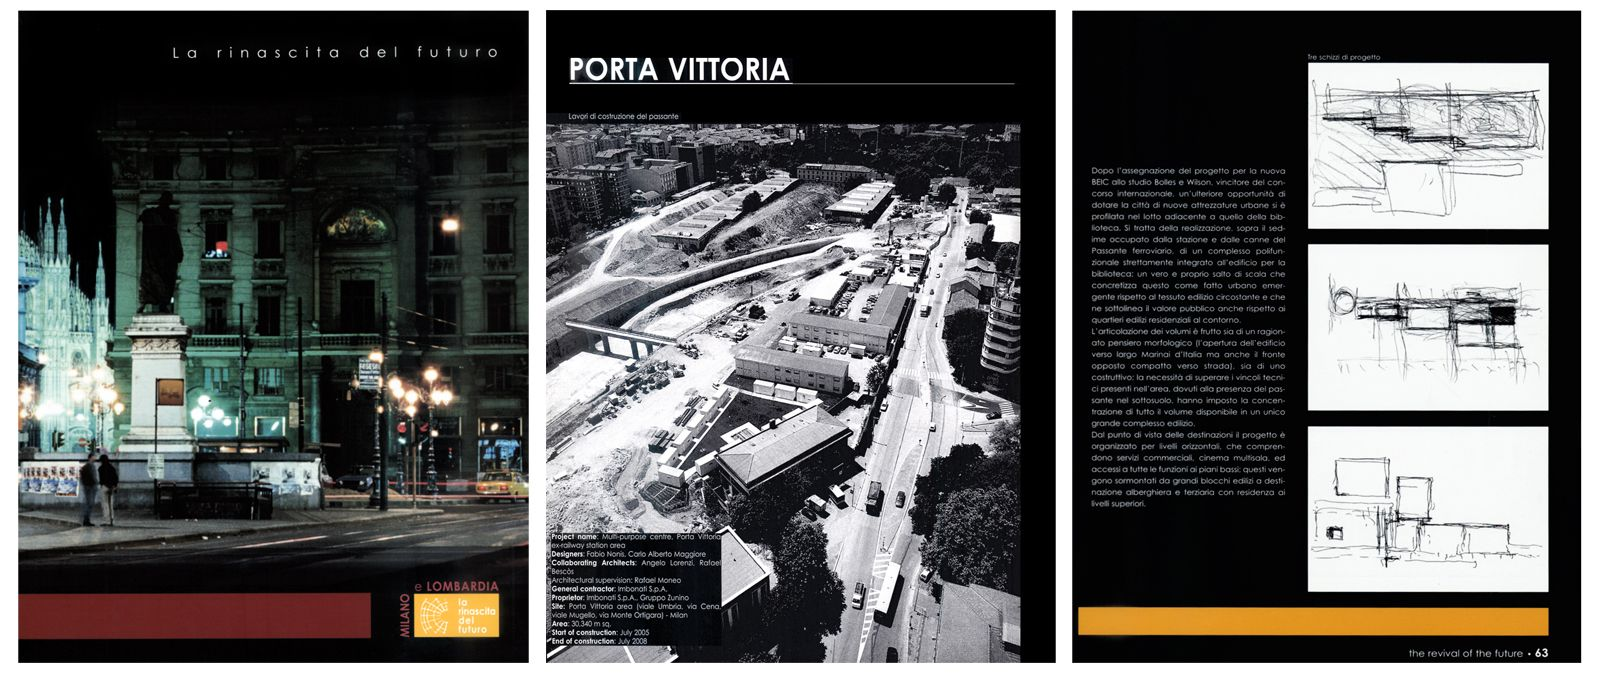 """""""La rinascita del futuro"""", catalogo mostra Road Show internazionale, Regione Lombardia, a cura di C. Bolognesi, 2005"""